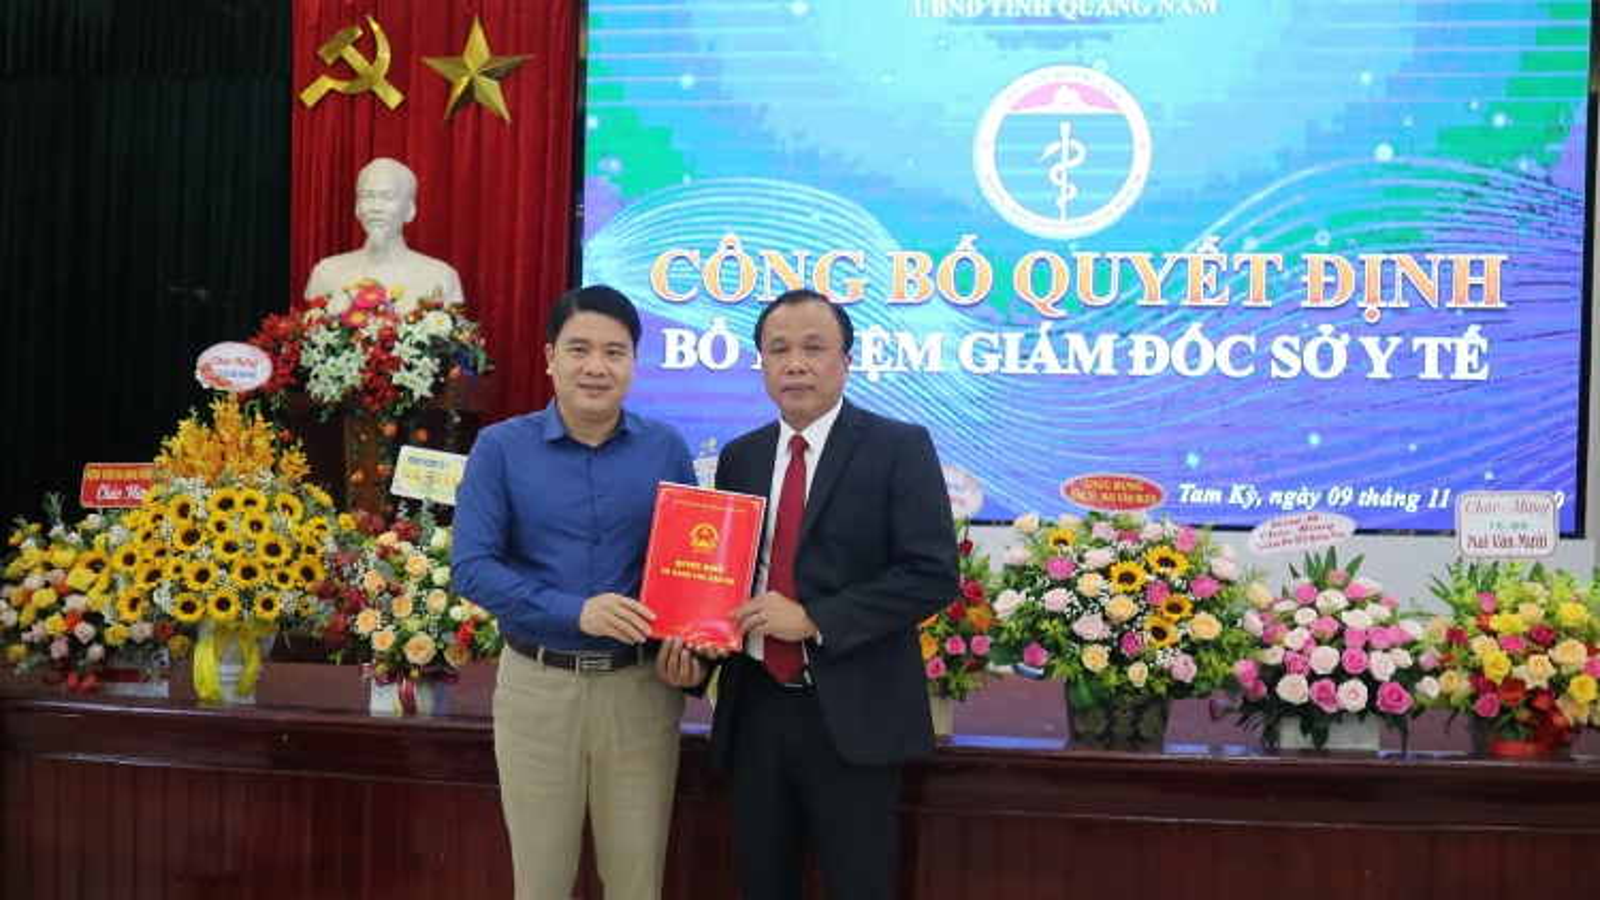 Quảng Nam: Điều động, bổ nhiệm hàng loạt cán bộ chủ chốt